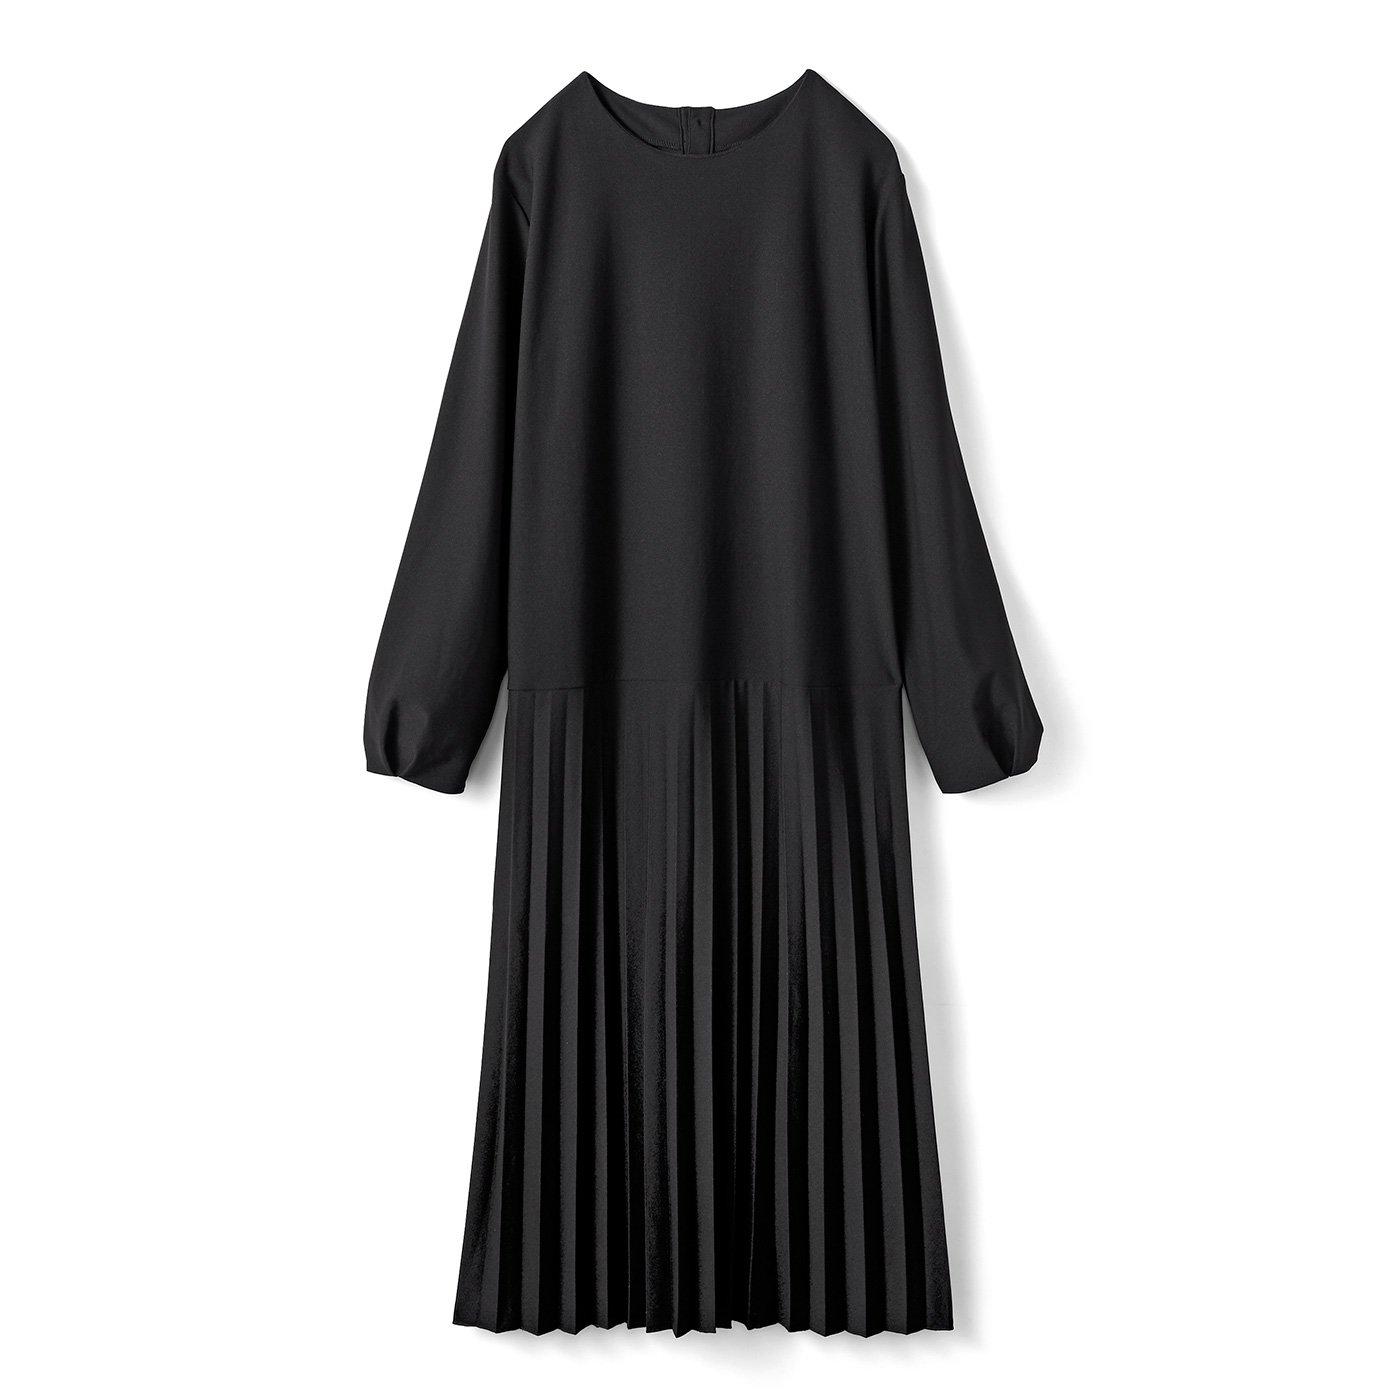 IEDIT[イディット] カットソージョーゼット素材できれいめ快適 プリーツスカート切り替え上品ワンピース〈ブラック〉